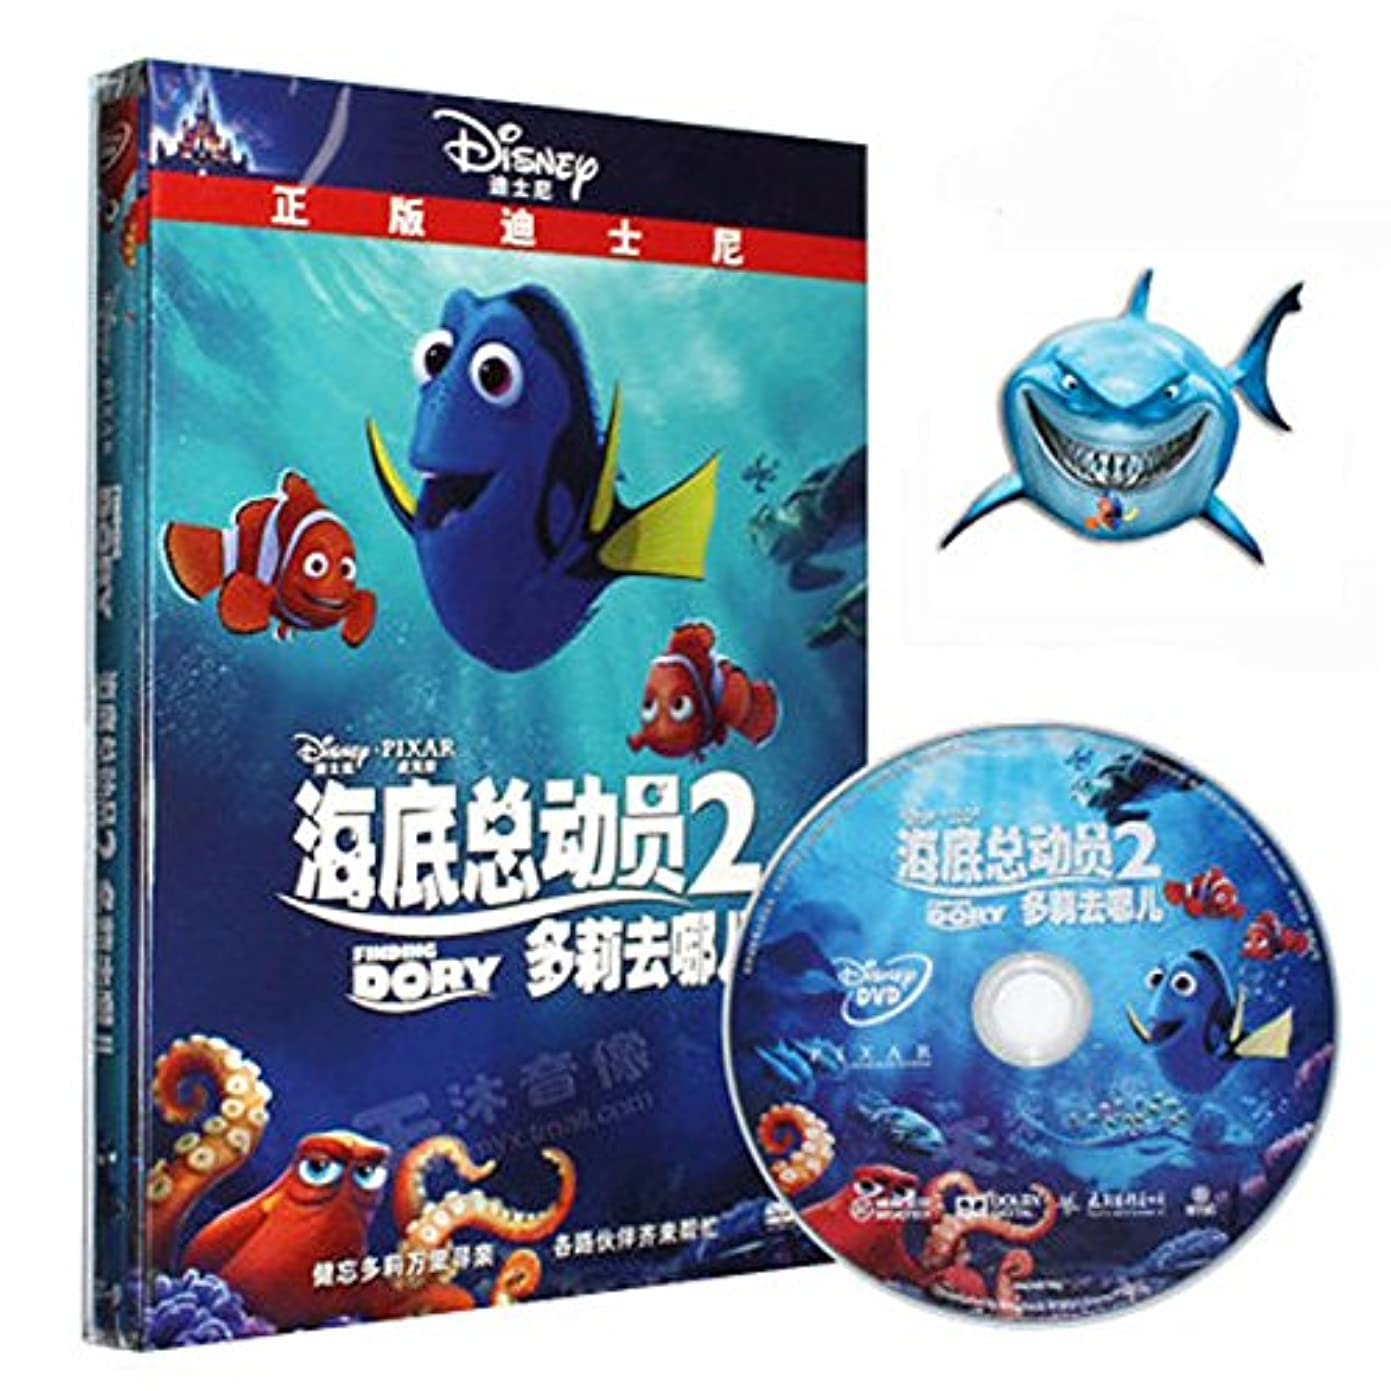 追跡アルカイックスーダンディズニー ファインディング ドリー Finding Dory 中国正規版DVD 言語学び 再生説明書付き 並行輸入品